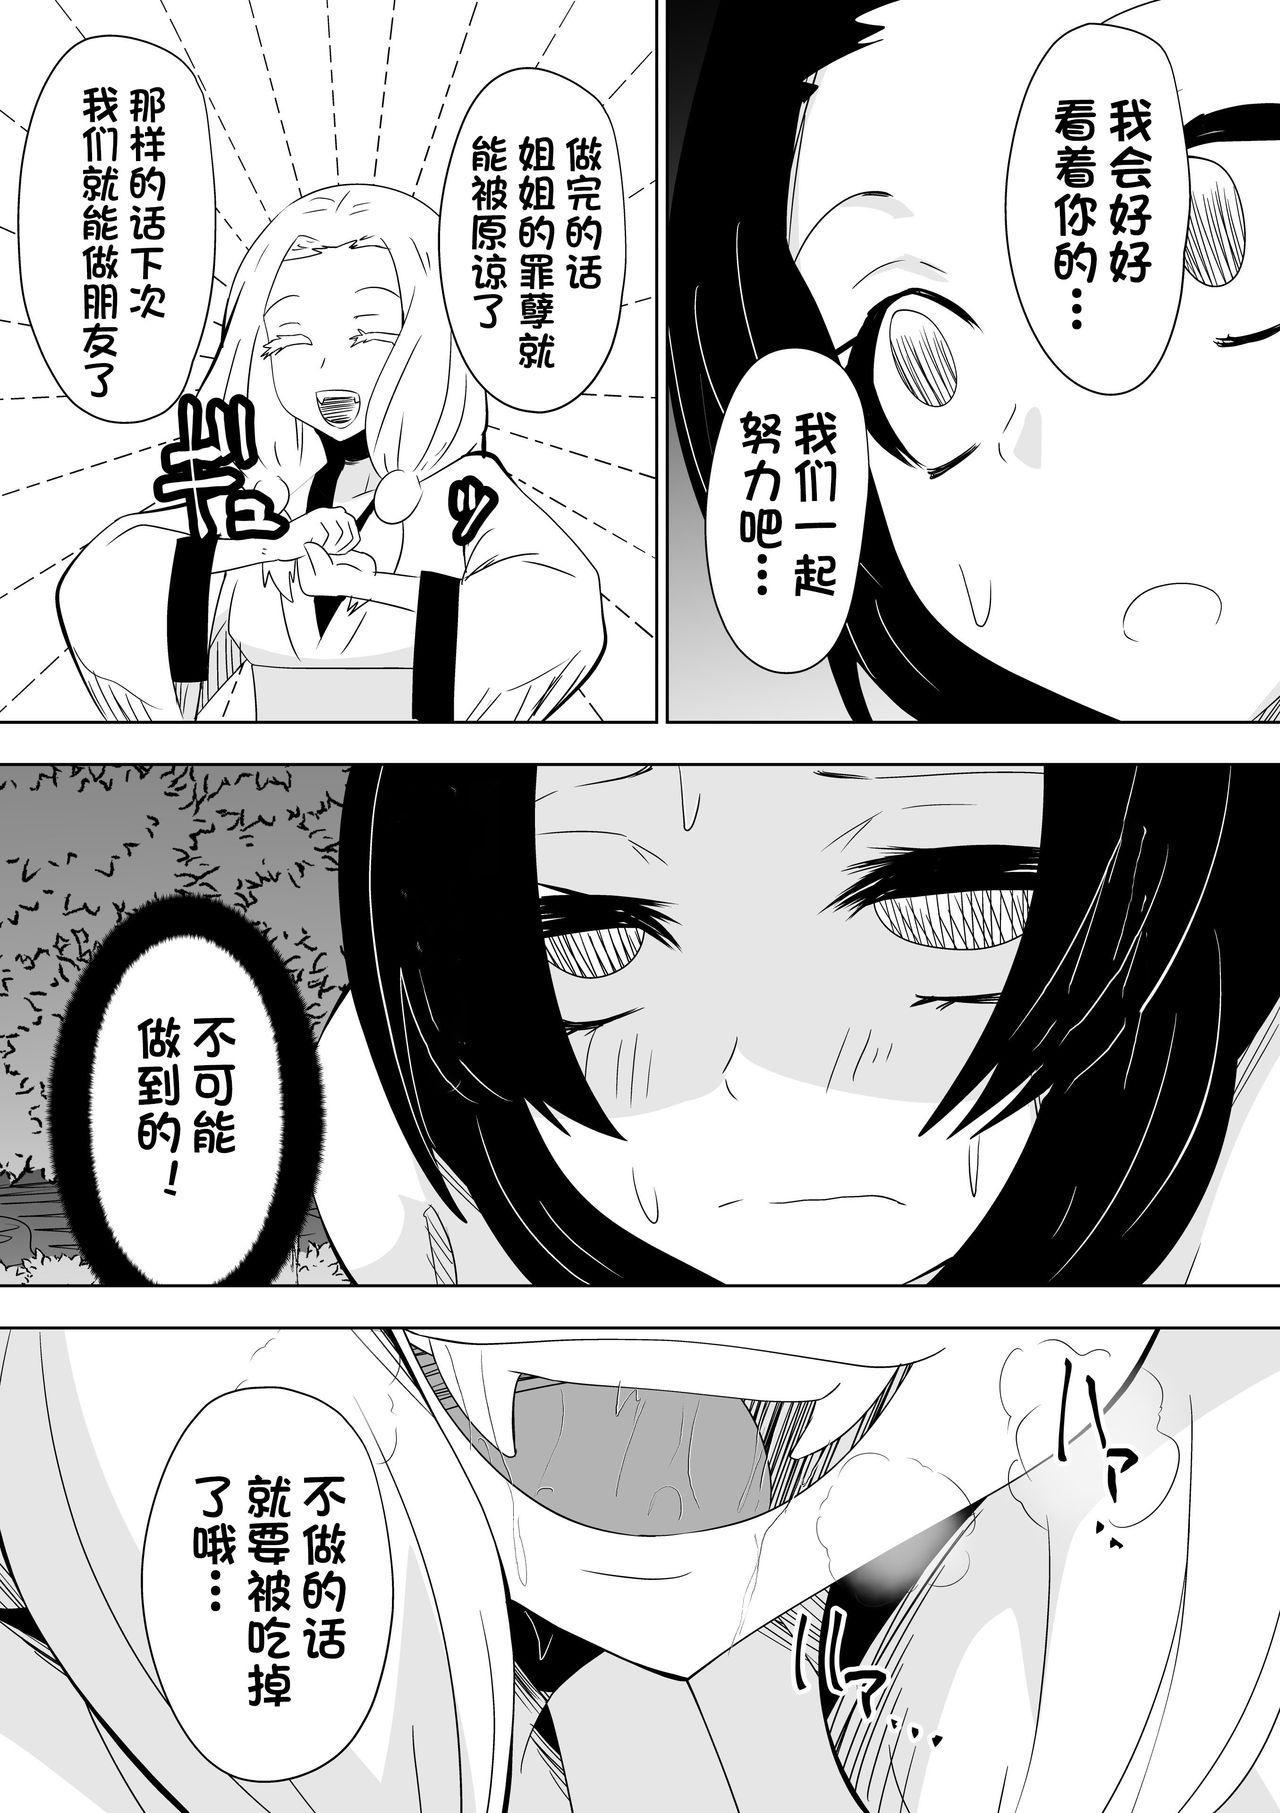 Hametsu no Shinobu 13